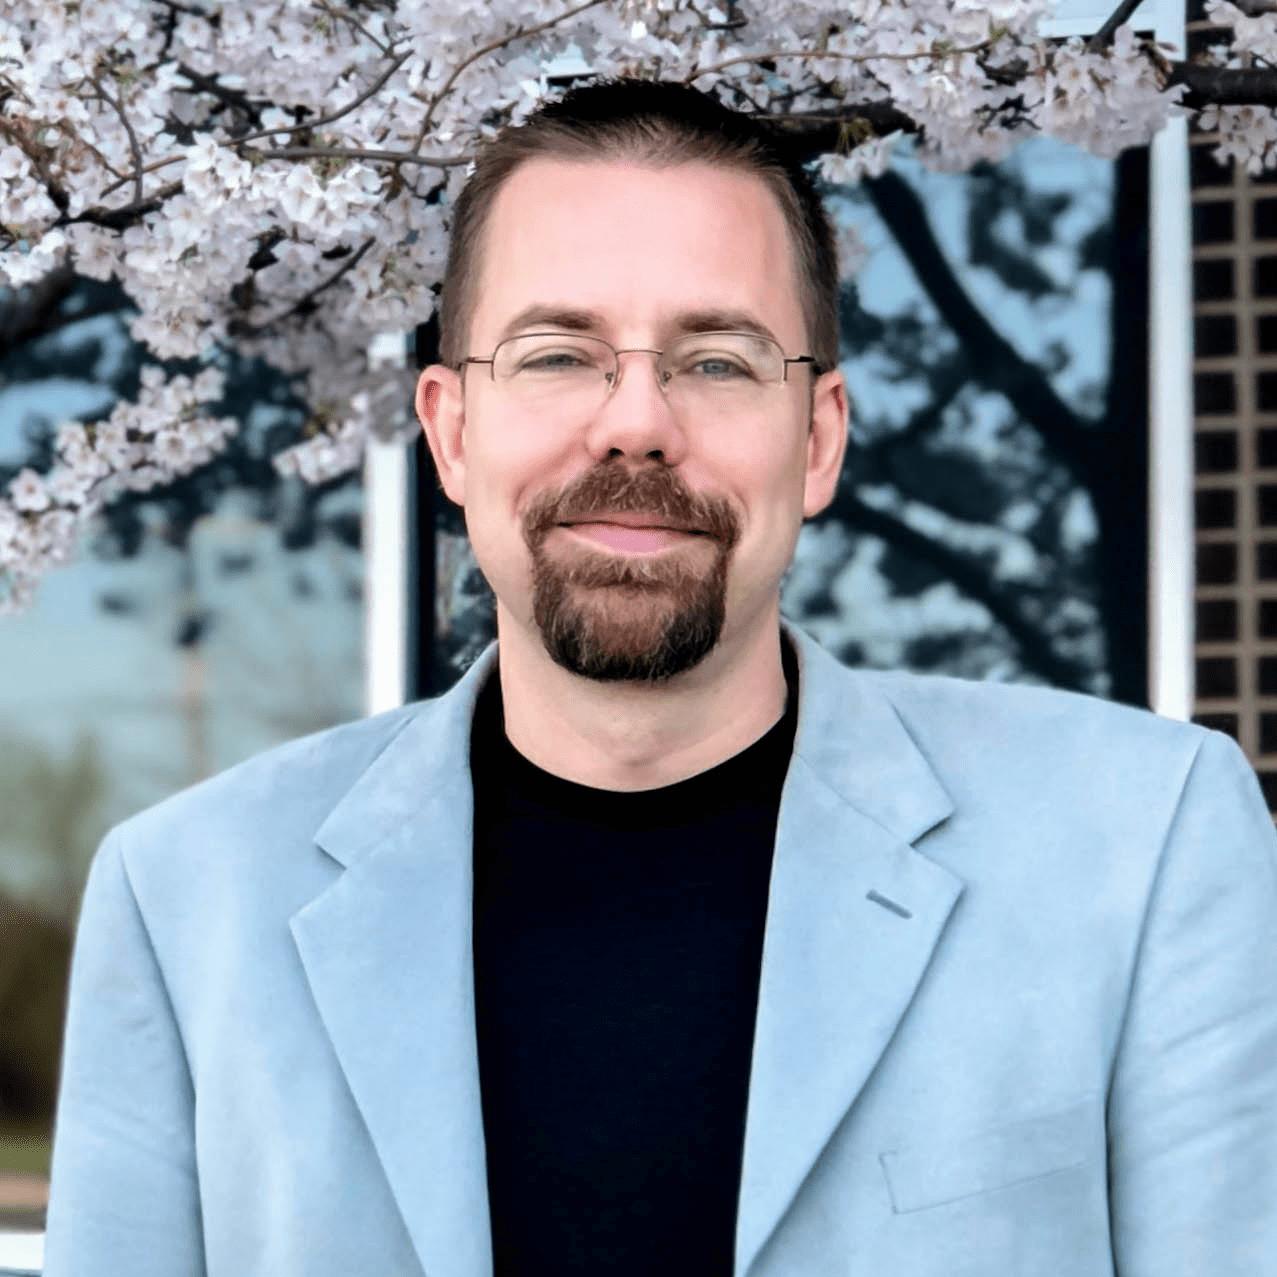 Matthew J. Nichols, P.E., LEED AP